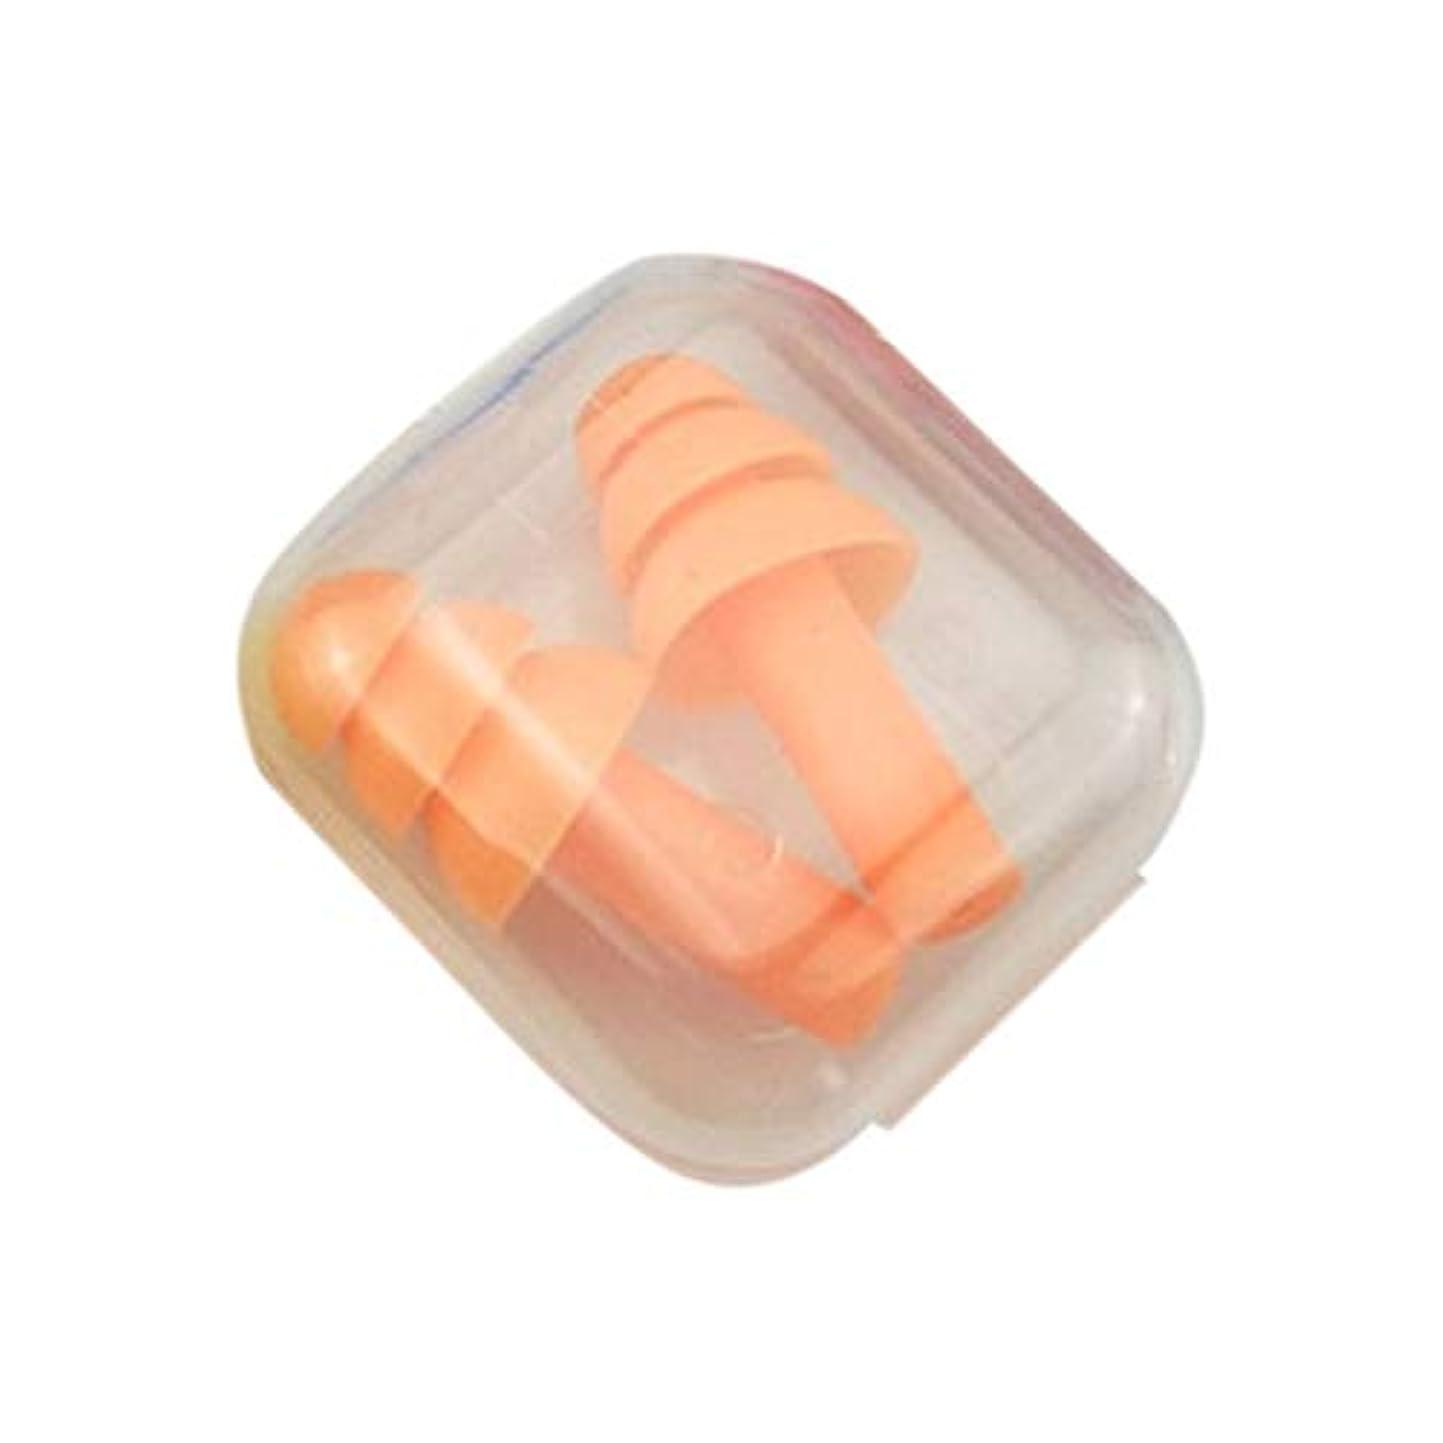 損傷受けるサービス柔らかいシリコーンの耳栓遮音用耳の保護用の耳栓防音睡眠ボックス付き収納ボックス - オレンジ